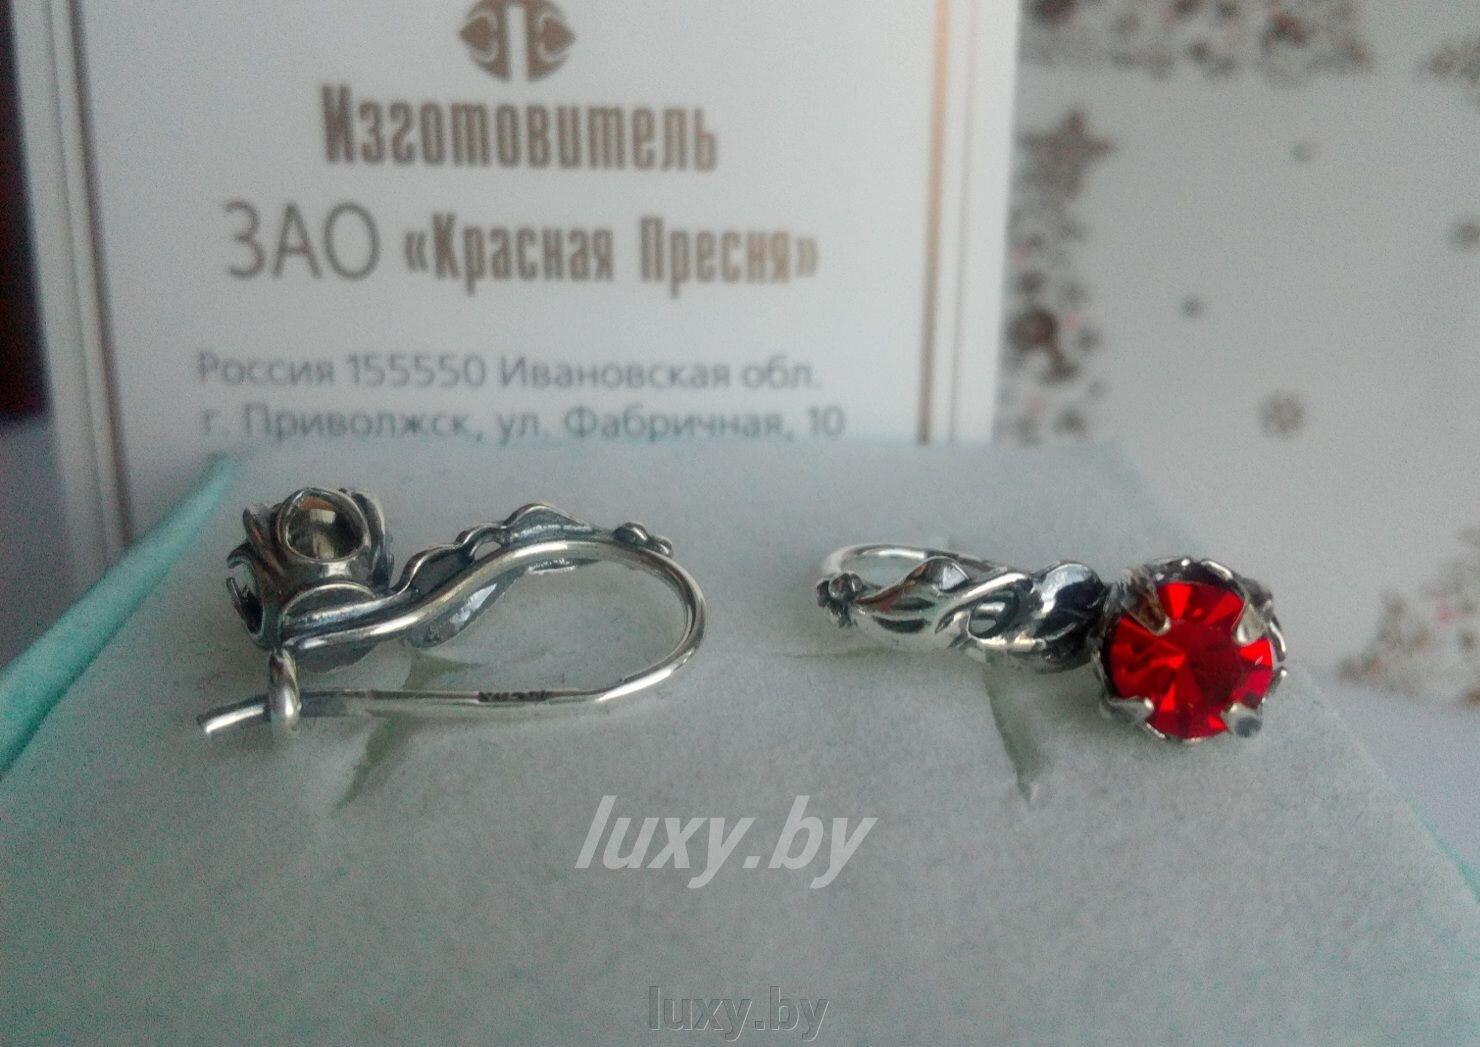 Серьги серебрение Красная пресня с фианитами (красные) - фото pic_b7bb5ad5c1444e6_1920x9000_1.jpg